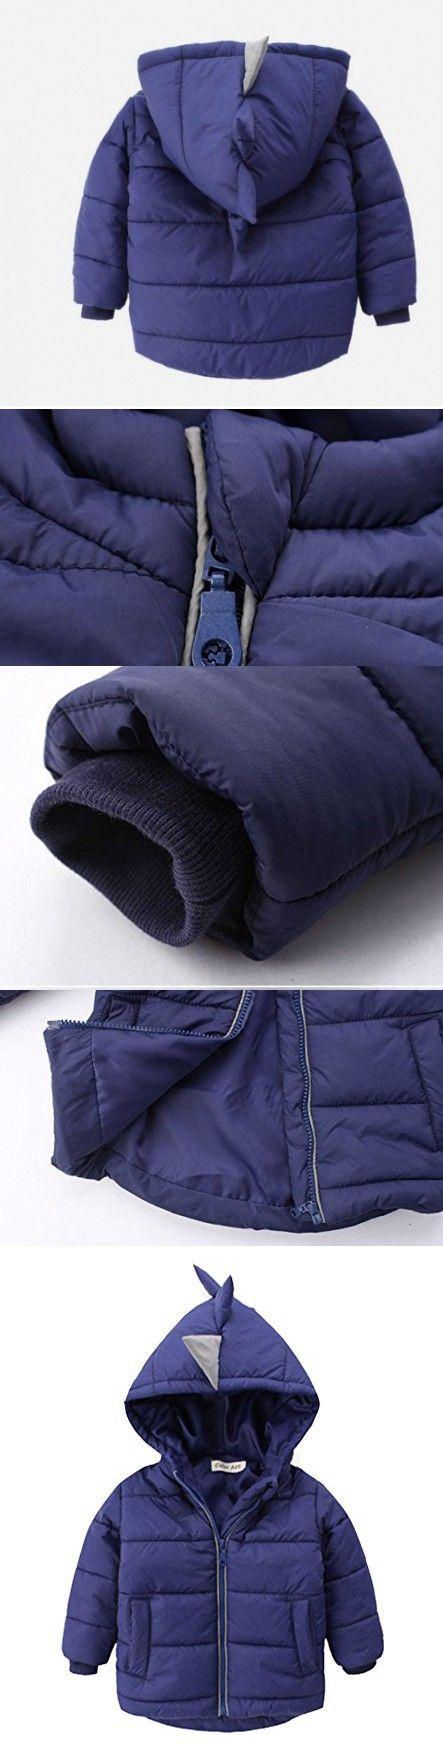 Kids Boys Winter Snowsuit Outerwear Dinosaur Hooded Puffer Down Jacket Coat 1-2T